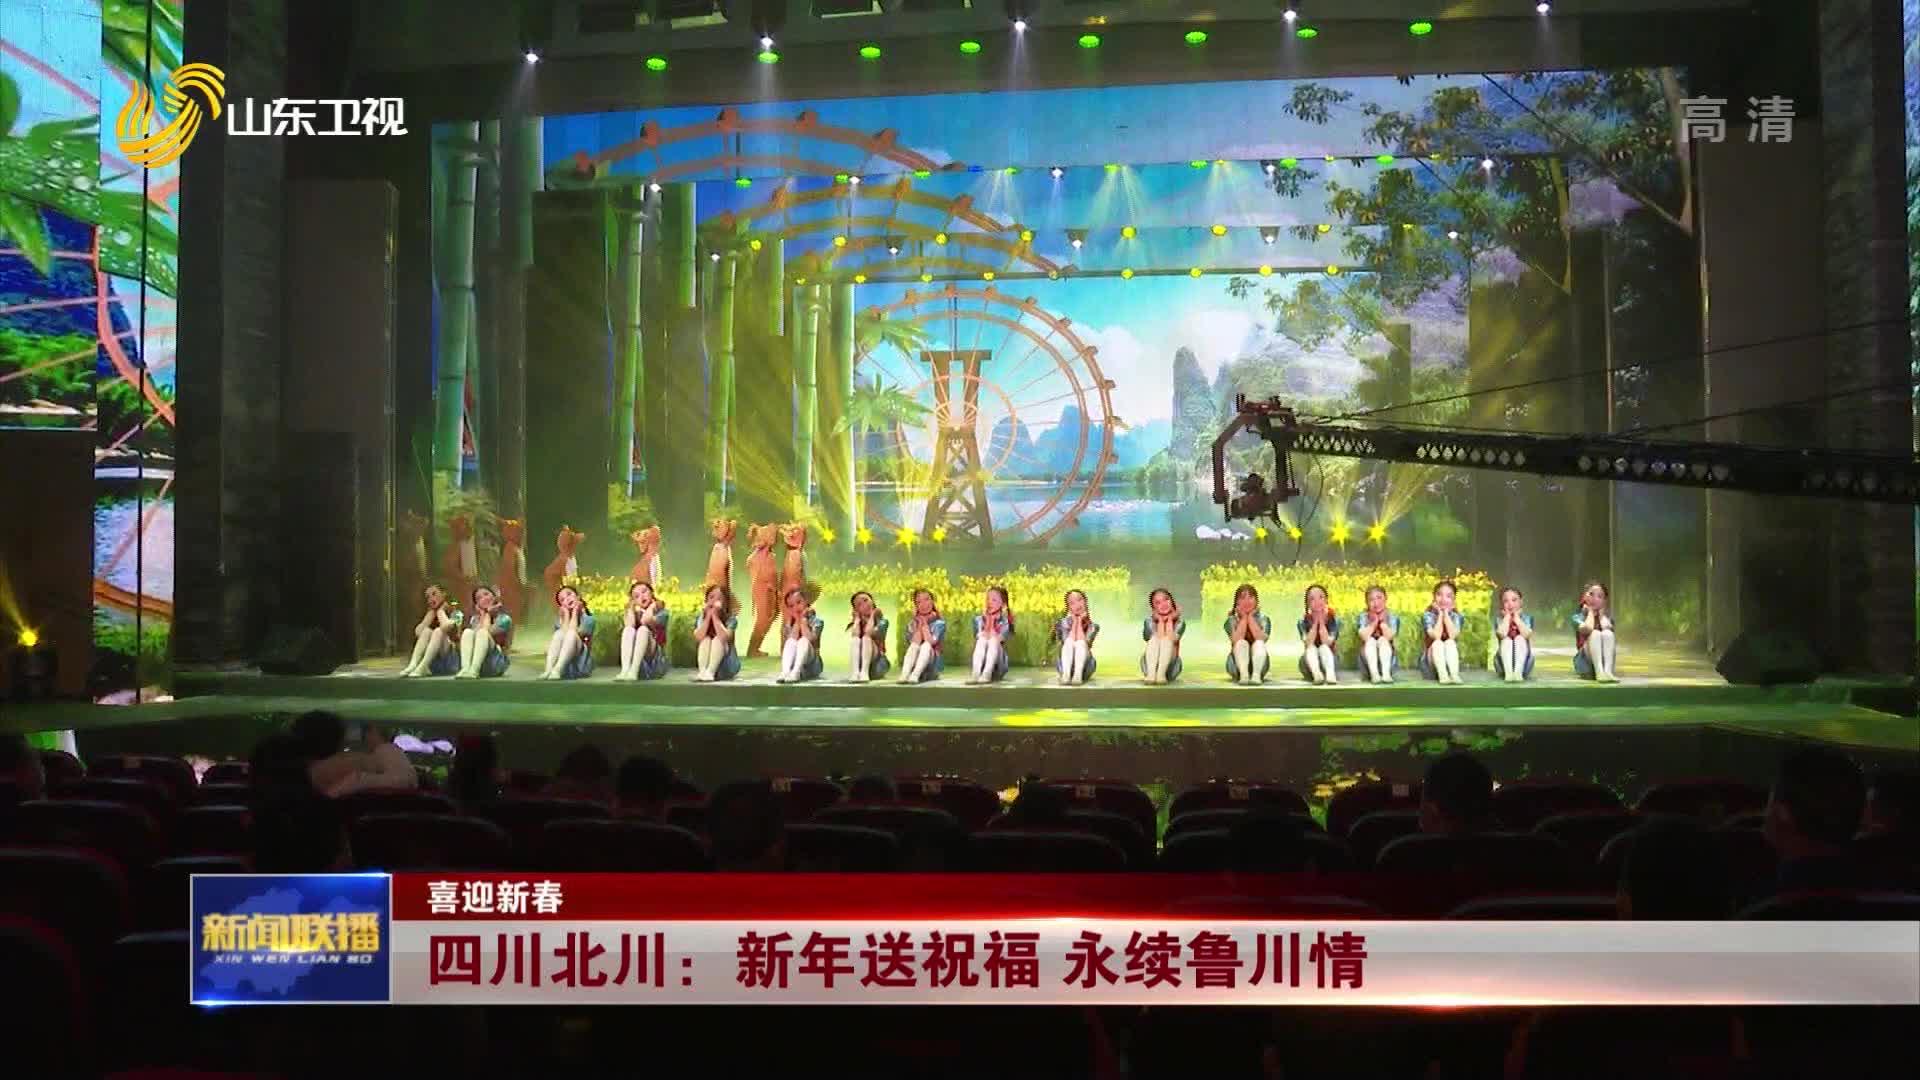 【喜迎新春】四川北川:新年送祝福 永续鲁川情